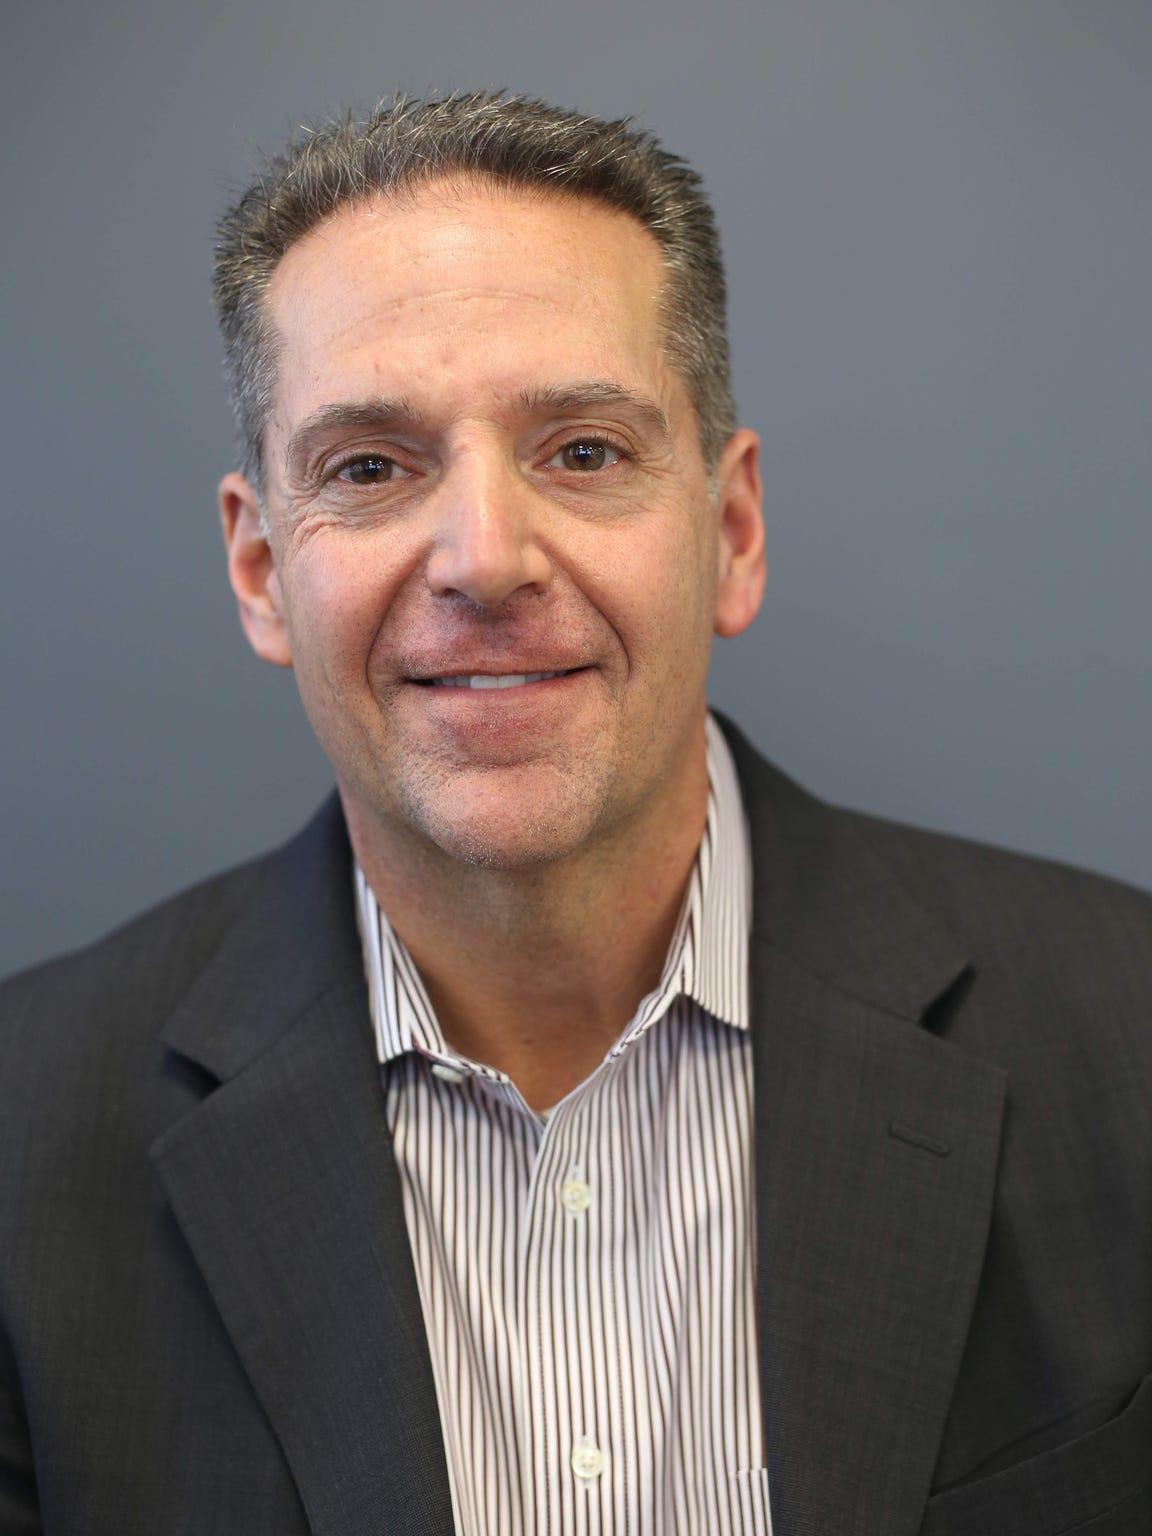 George Troyano, Publisher